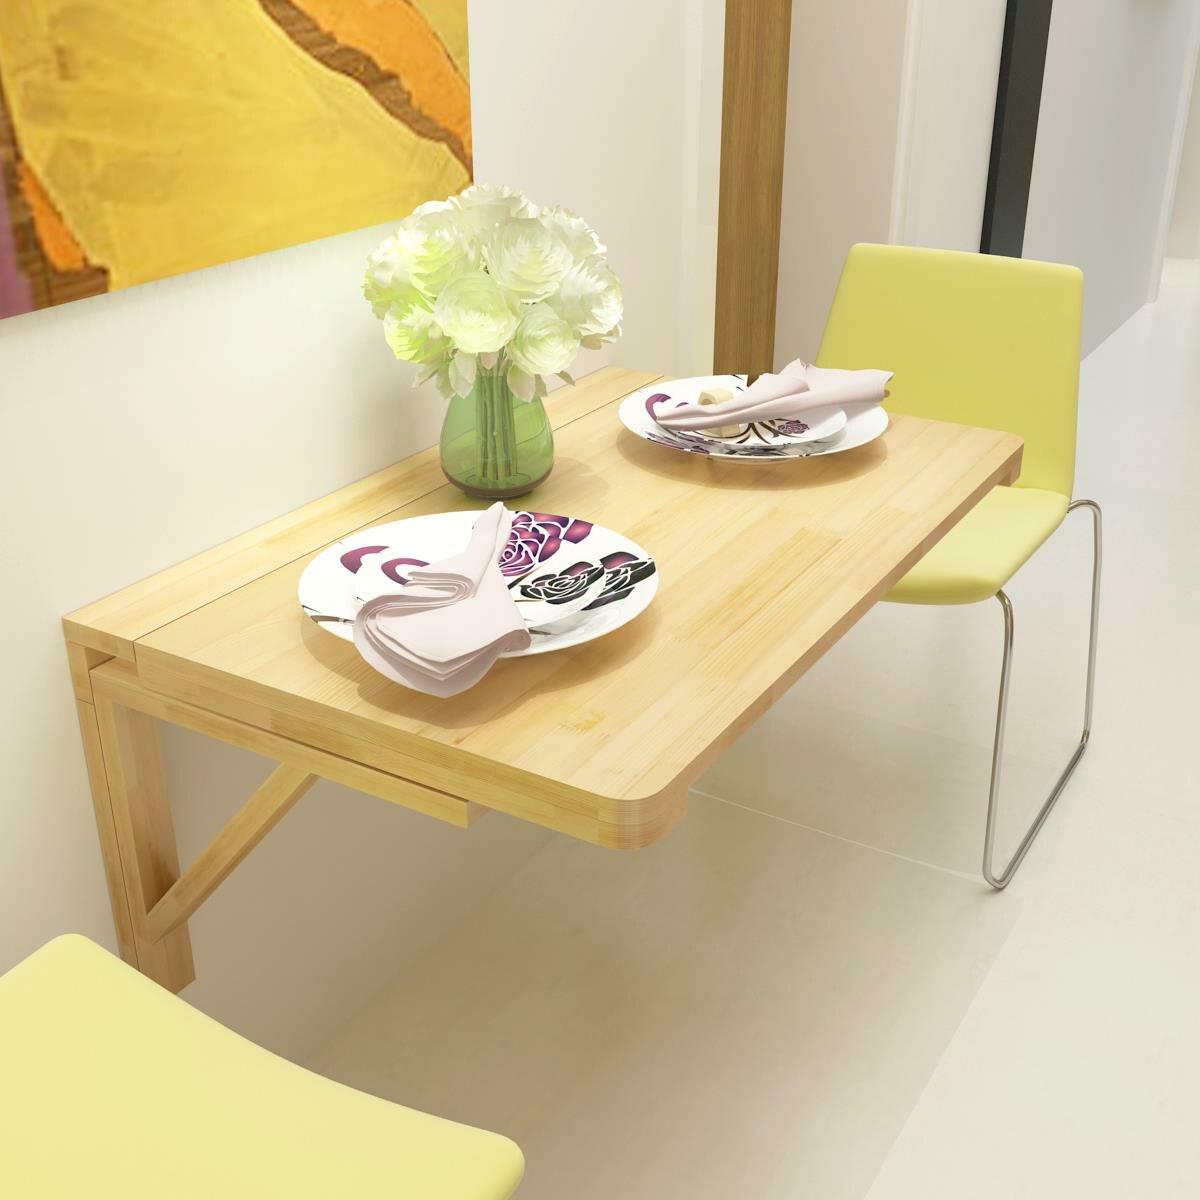 пристенный раскладной стол без ножек